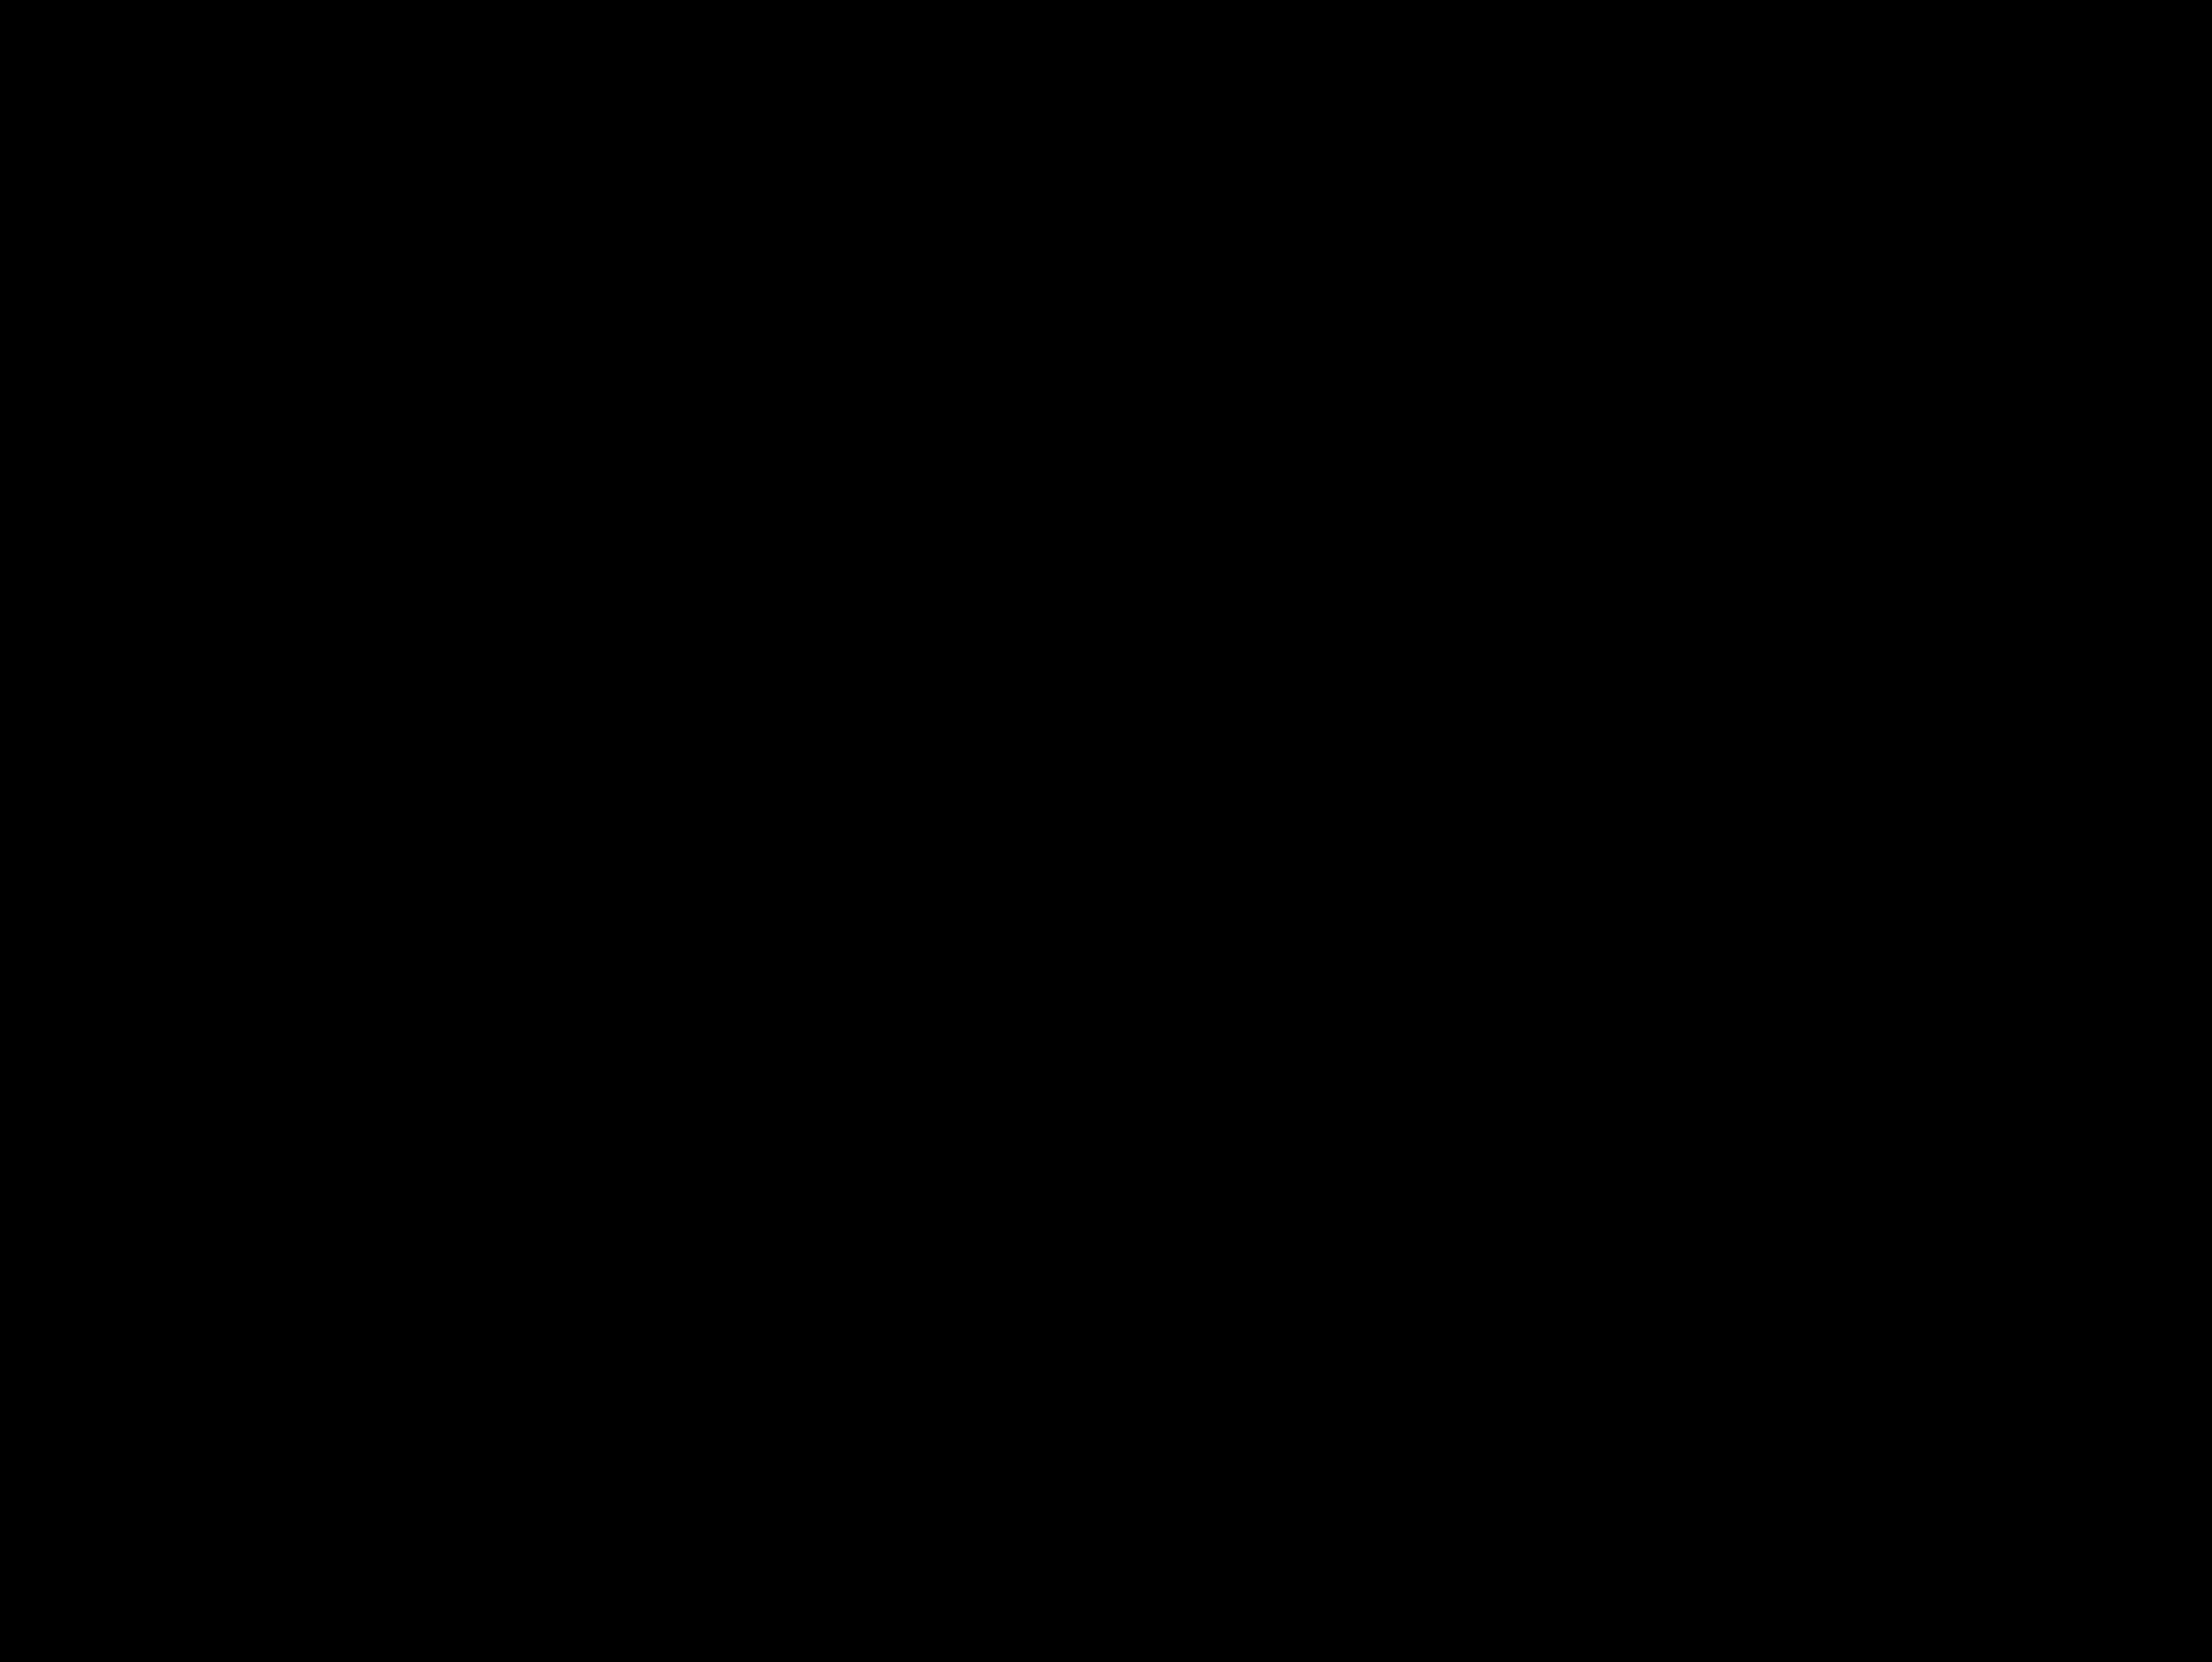 For that nikola sensual touch